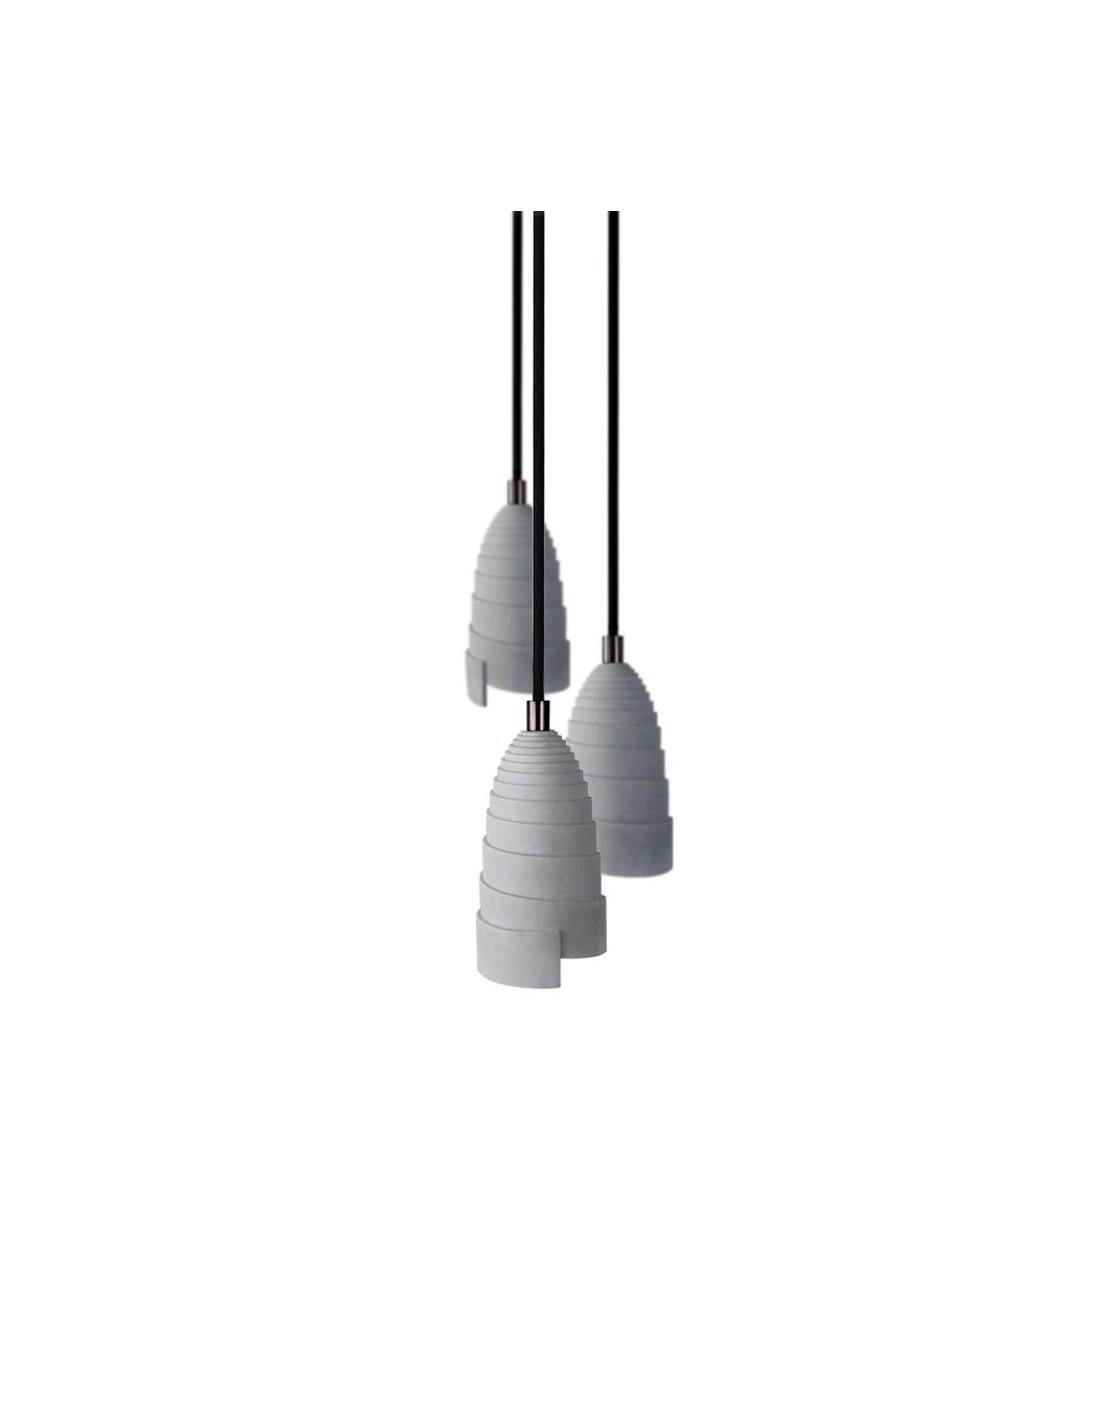 Lampe suspension en béton accessoires perle noire